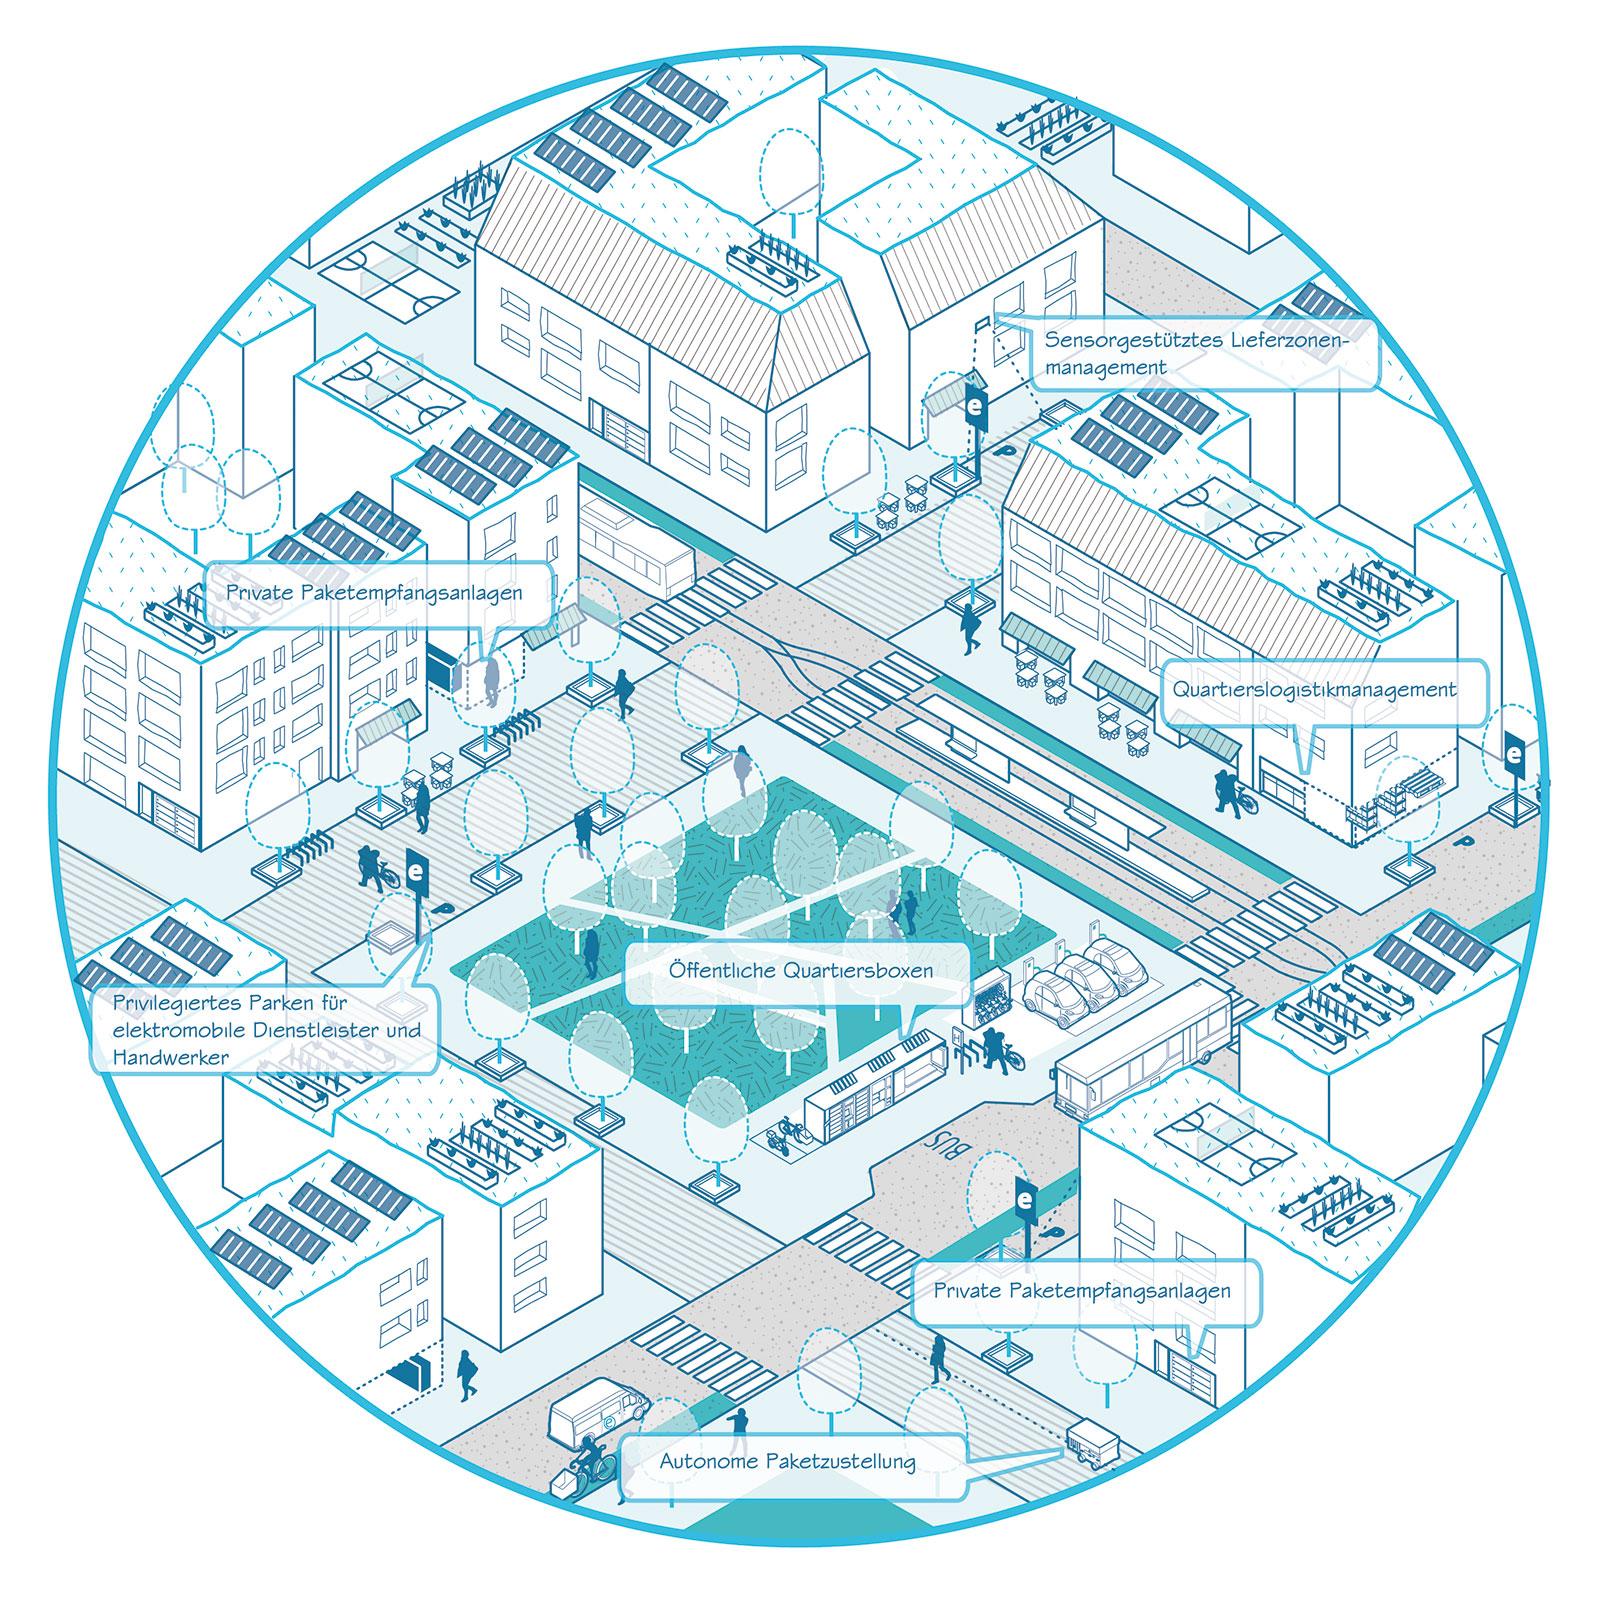 Urbane Logistikansätze in der Quartiersmitte. (Bild: IHK Region Stuttgart / Pesch Partner Architekten Stadtplaner GmbH)